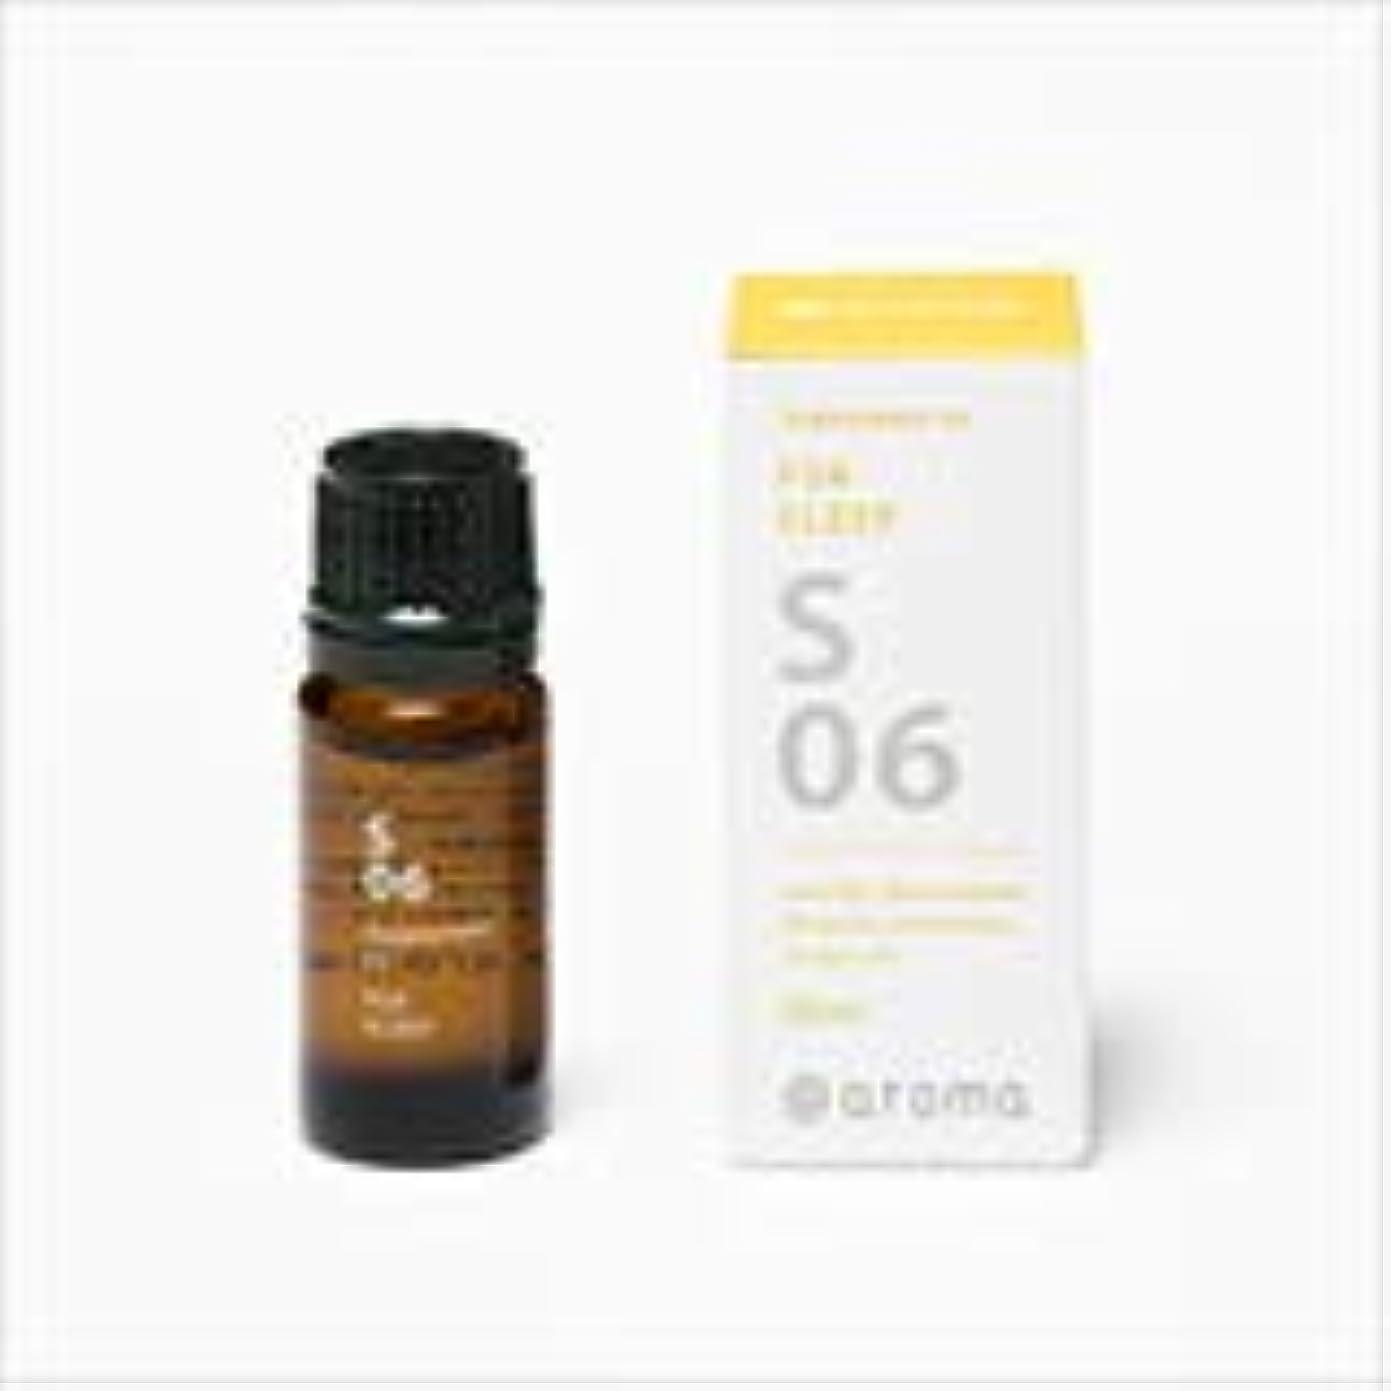 めんどり扱いやすい失望させるアットアロマ 100%pure essential oil <Supplement air リラックス&ビューティー>